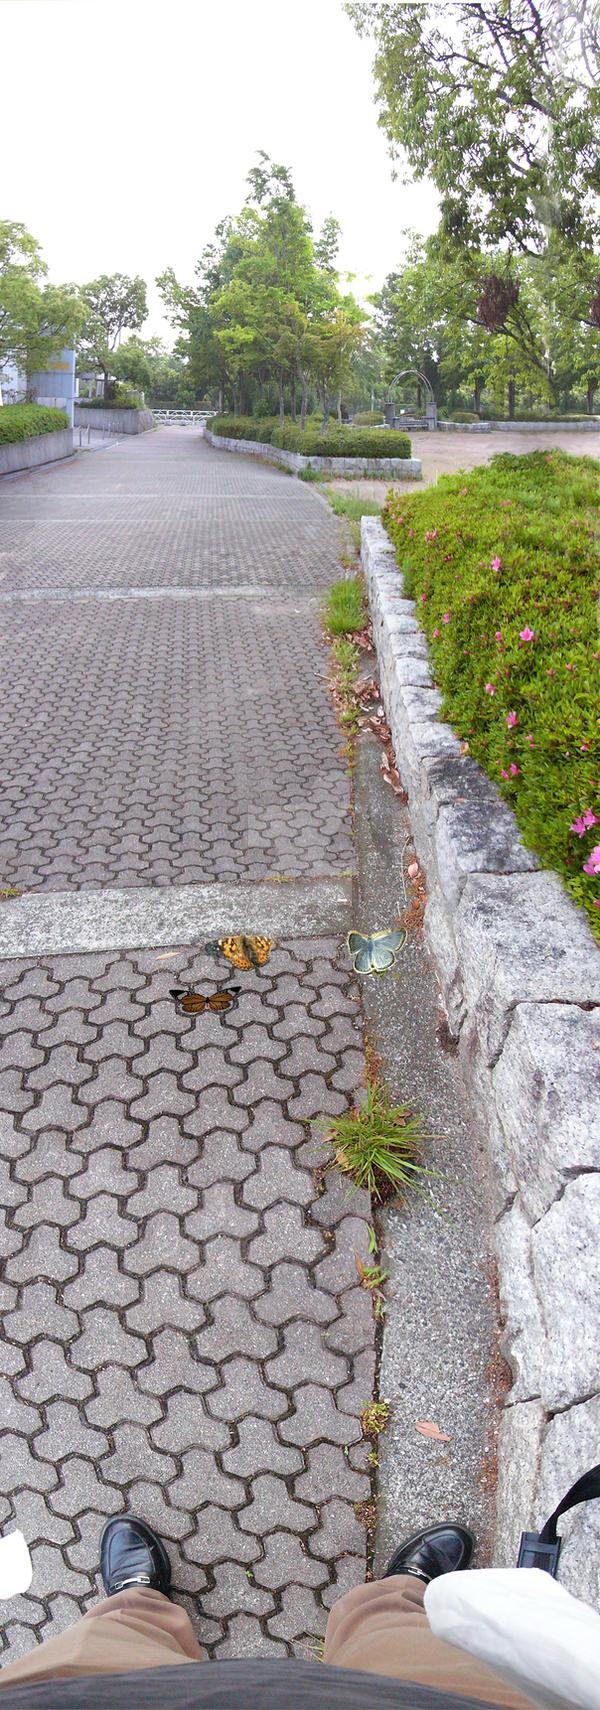 Tessellated Sidewalk by sethness